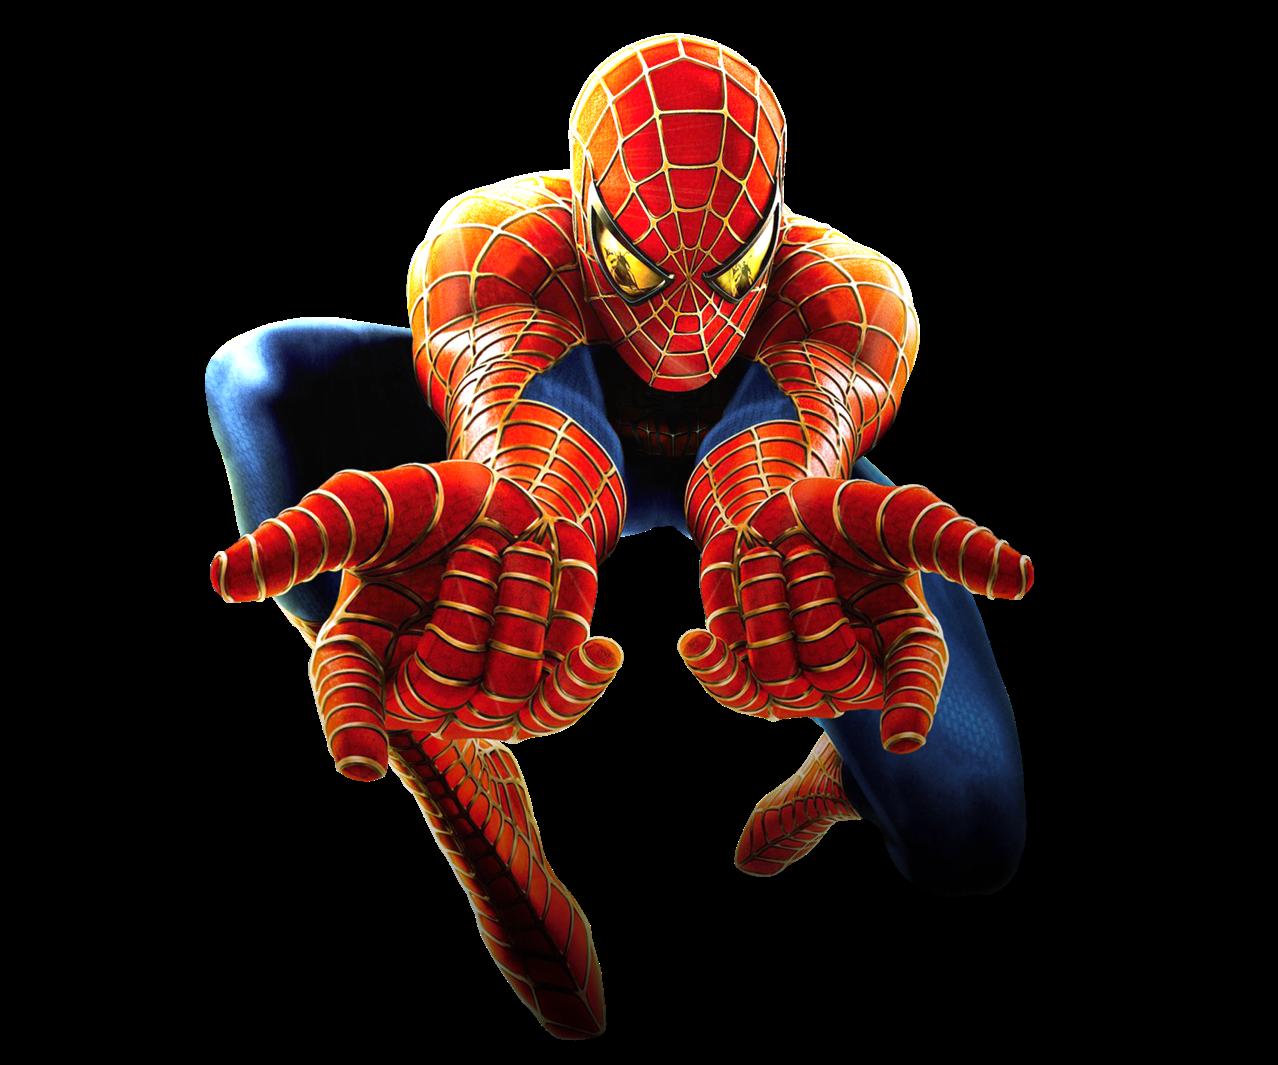 Homem aranha png quero imagem - Image de spider man ...